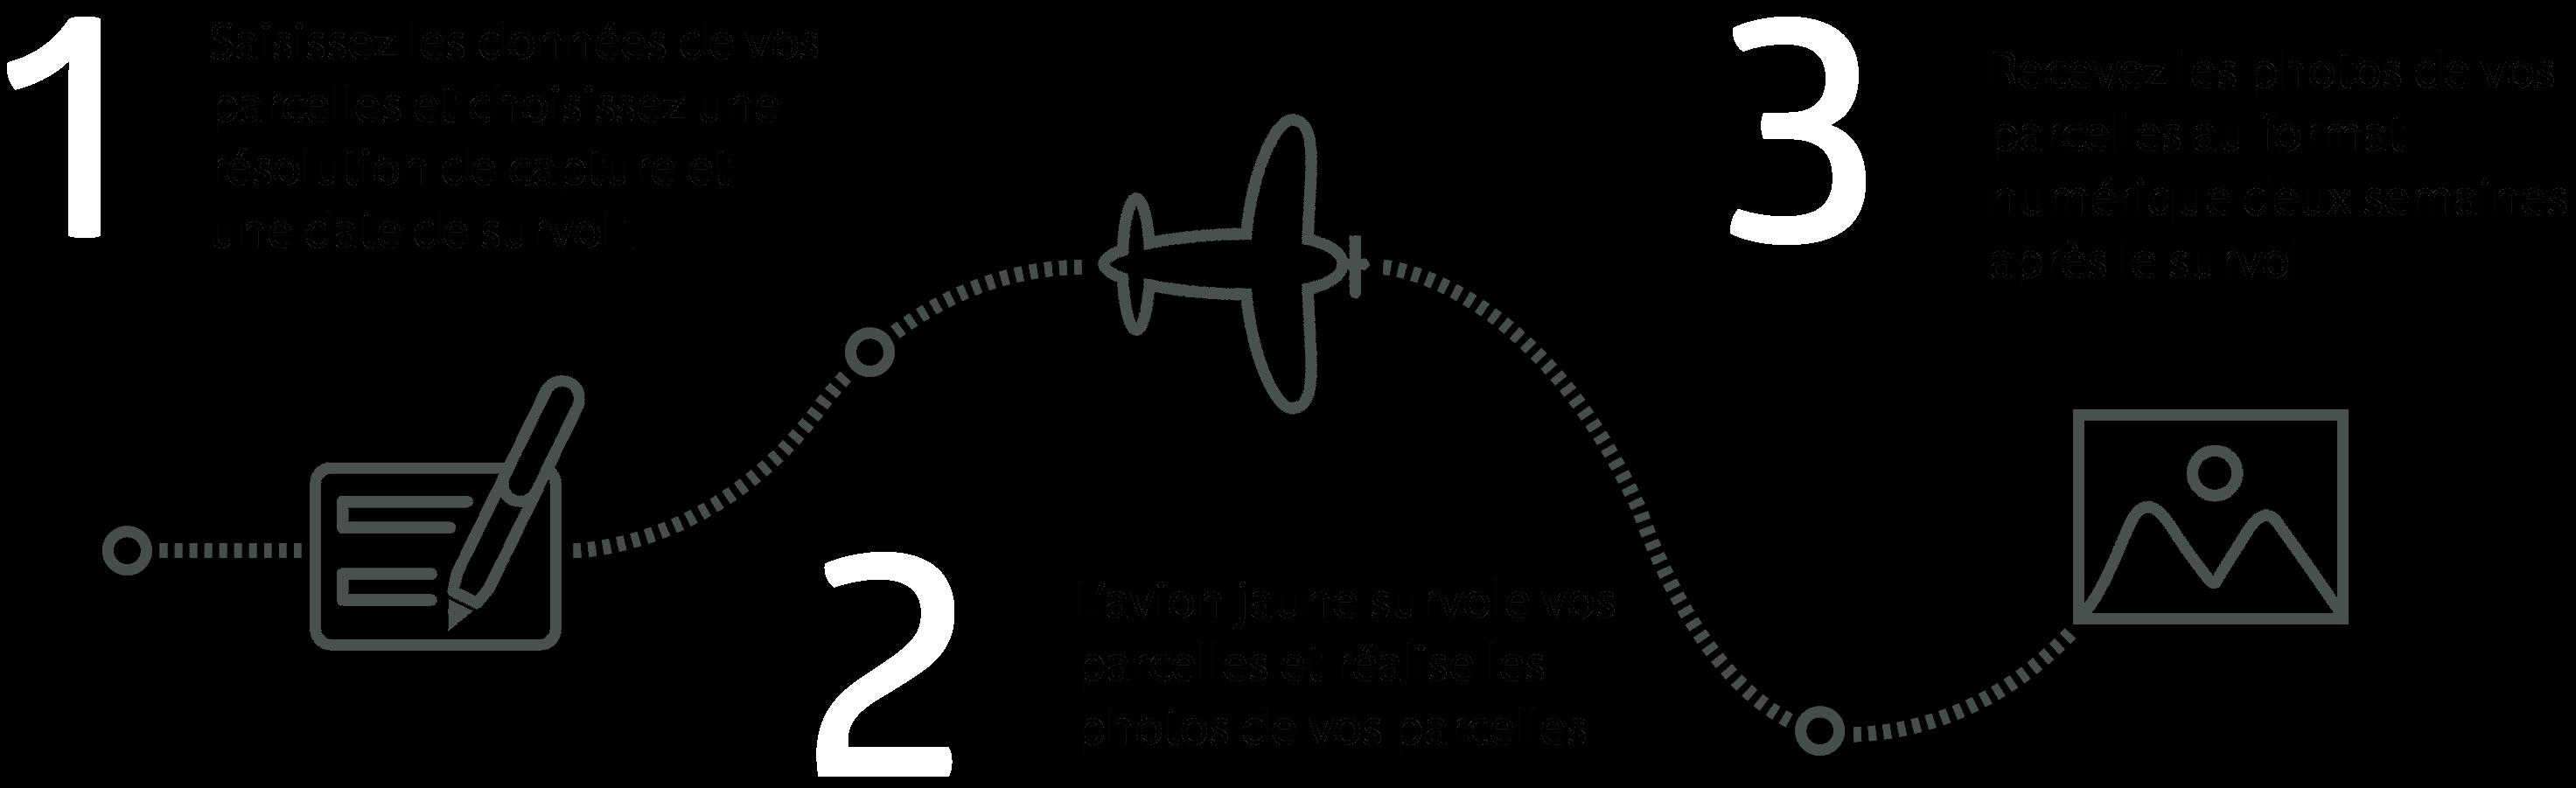 1 : Saisissez les données de vos parcelles et choisissez une résolution de capture et une date de survol. - 2 : L'avion jaune survole votre vignoble et réalise les photos de vos parcelles - 3 : Recevez les photos de vos parcelles au format numérique deux semaines après le survol.